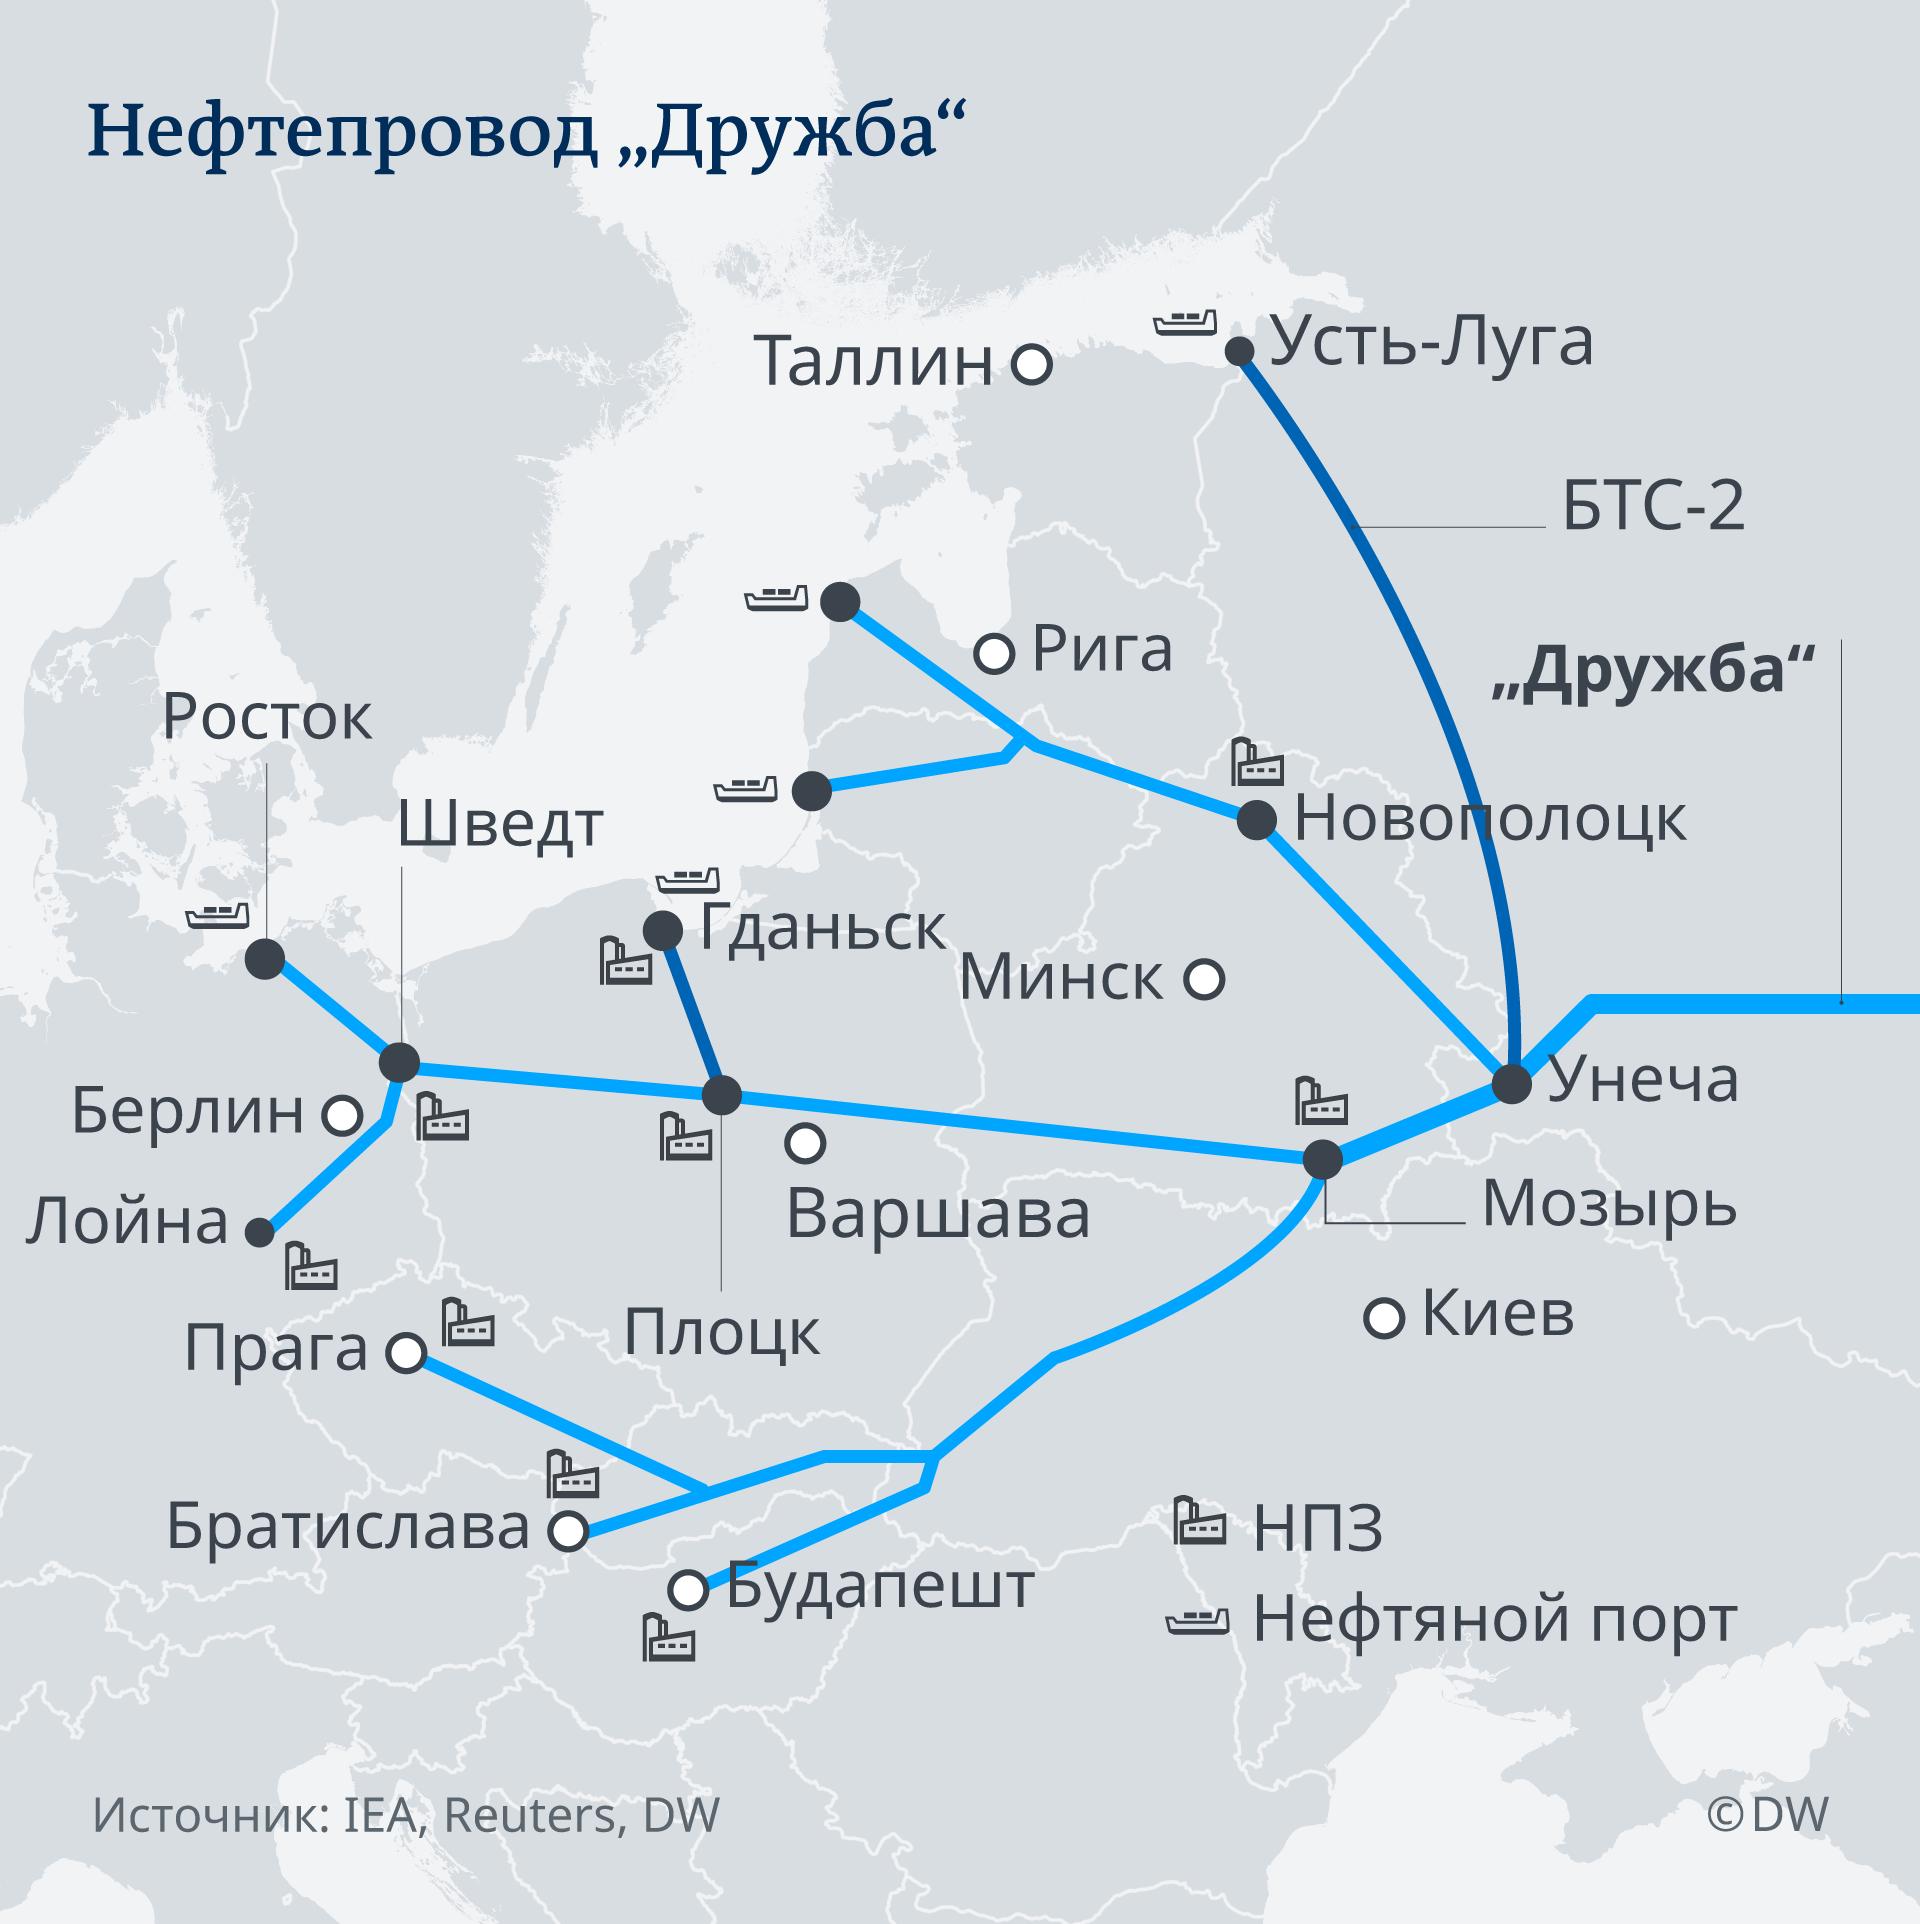 Инфографика Нефтепровод Дружба